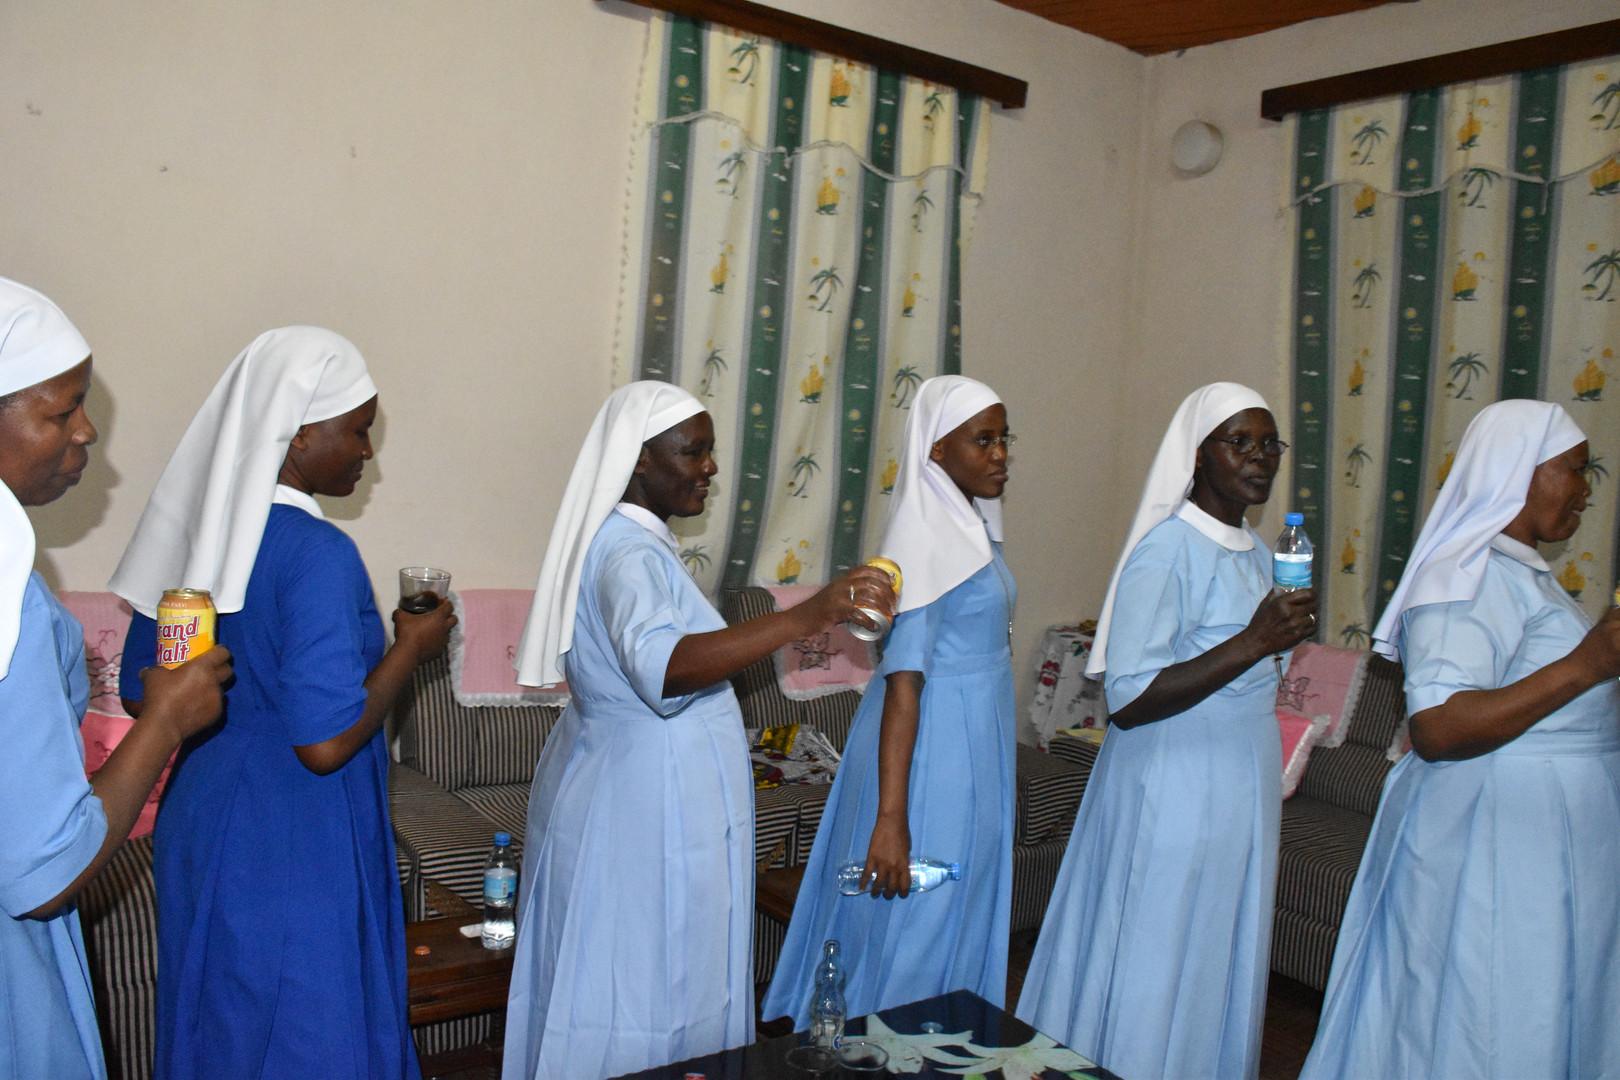 Catholic Church School for the Deaf